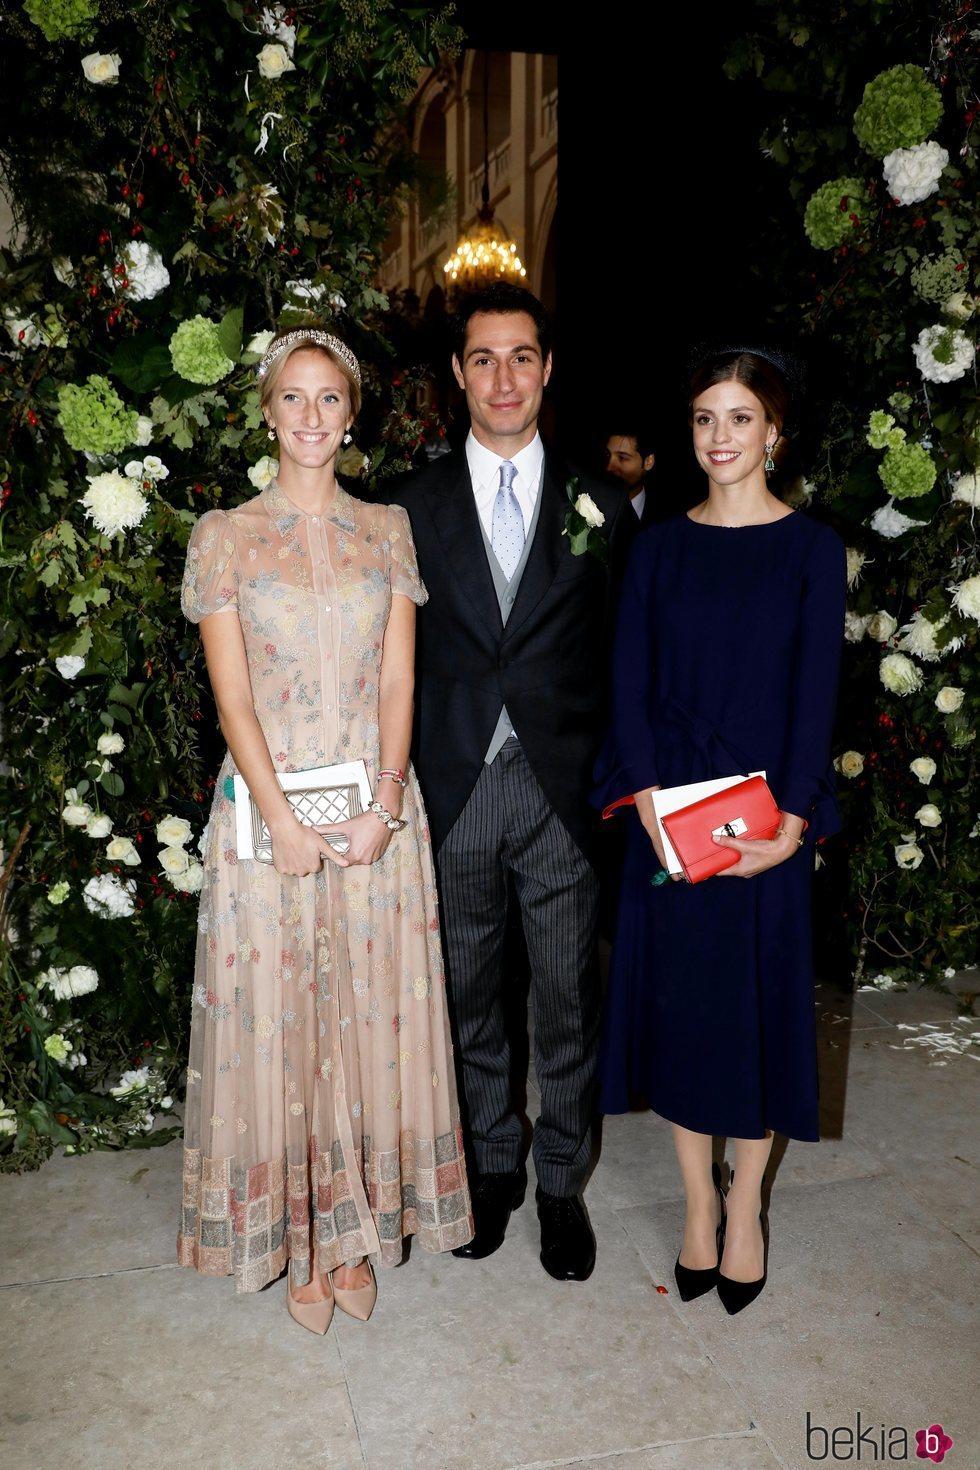 María Laura de Bélgica en la boda de Jean Christophe Napoleón y la Condesa Olympia de Austria